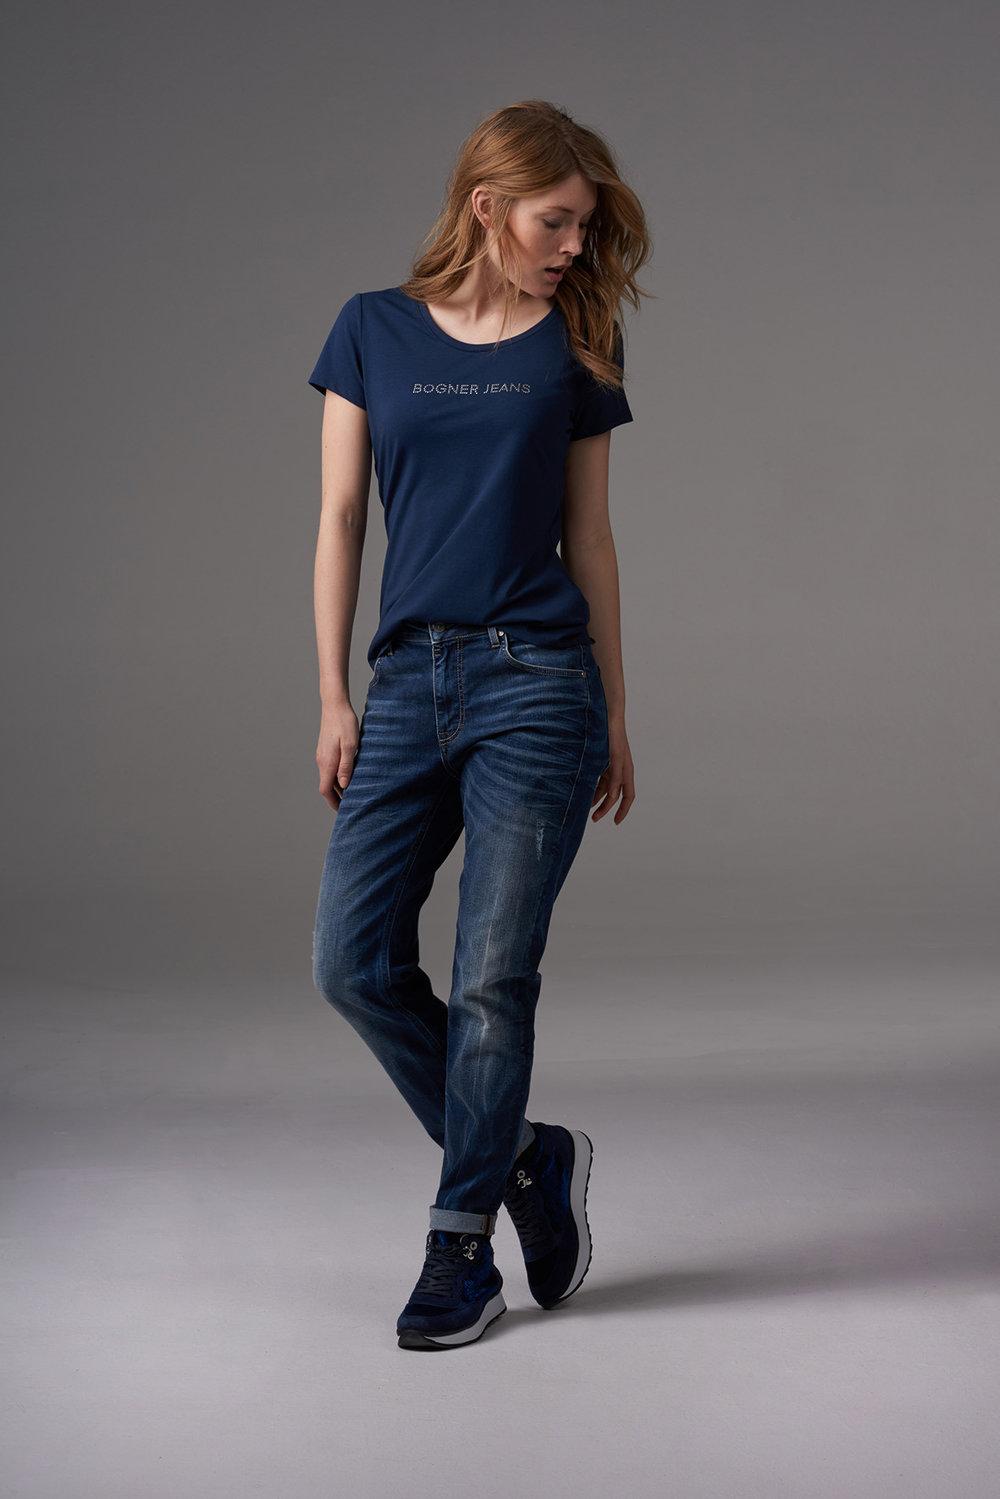 160412_Bogner Jeans-Look_17_063a.jpg